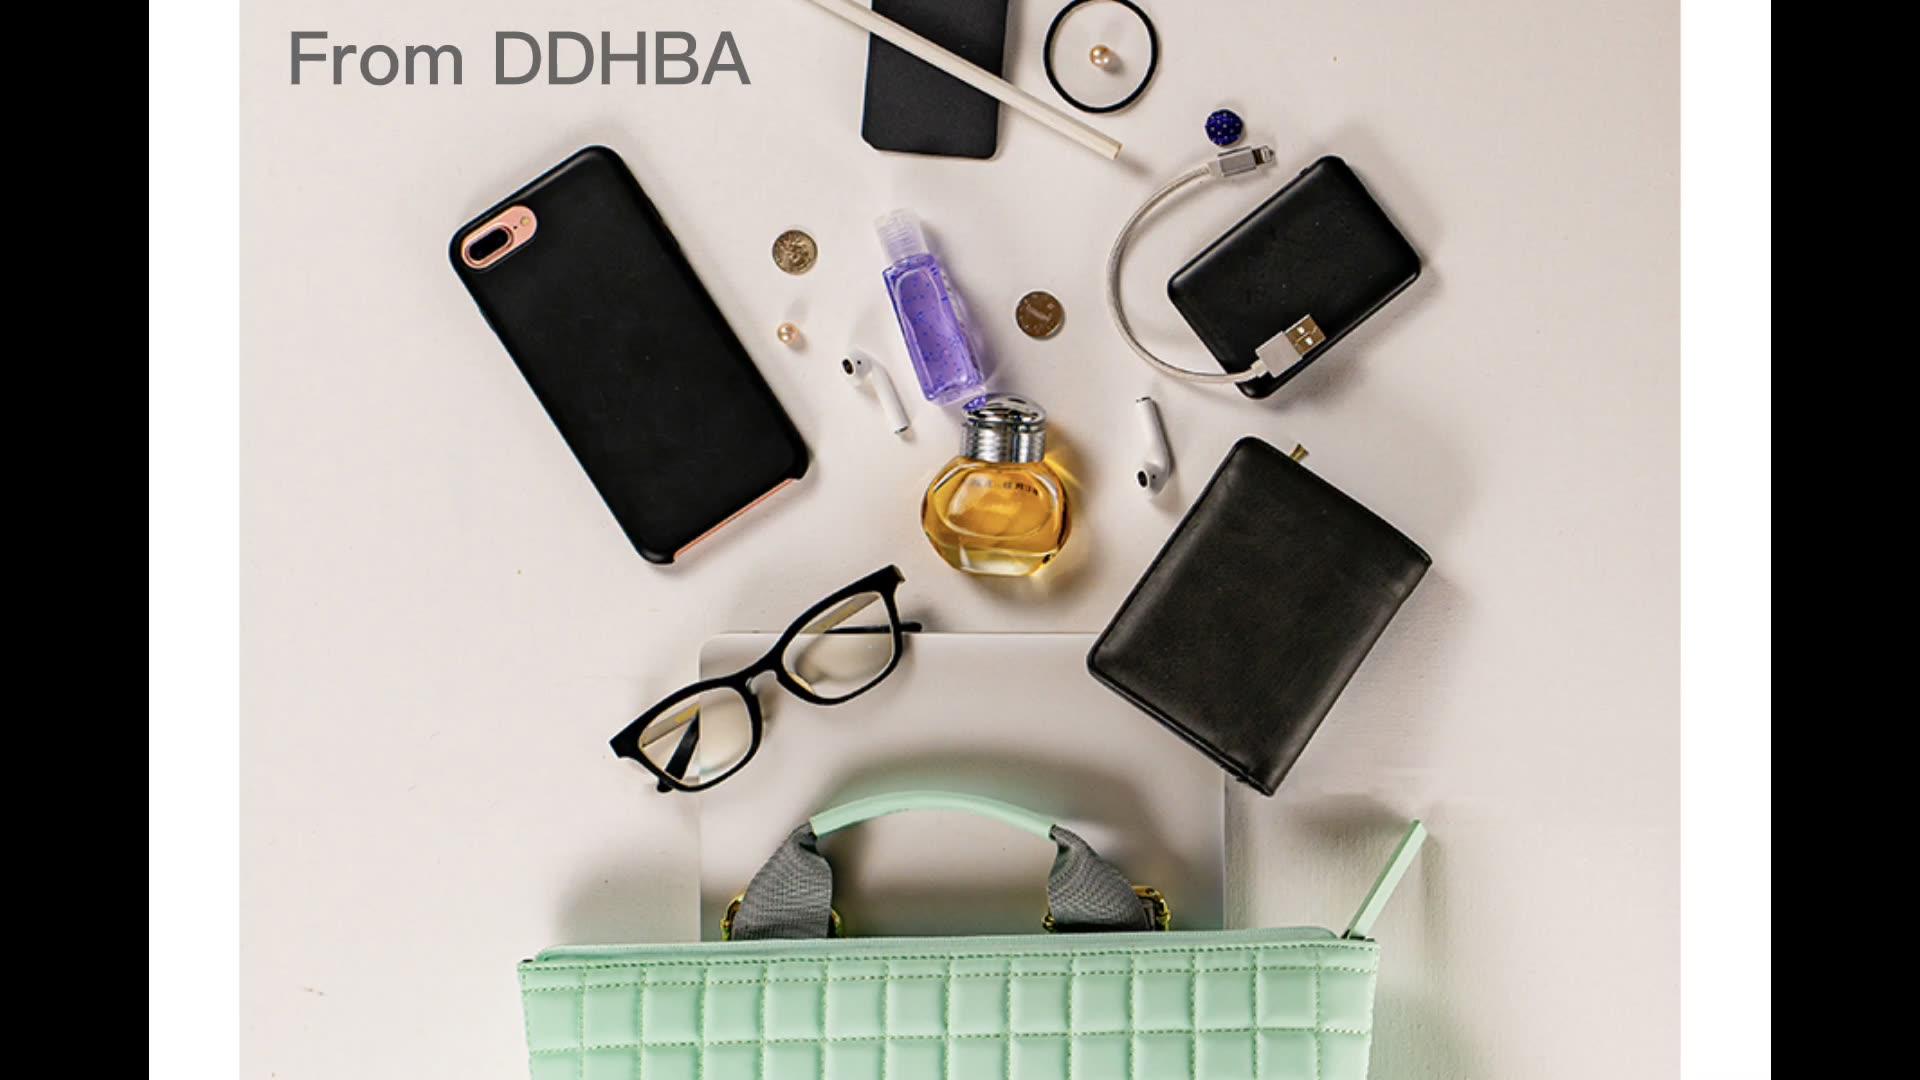 backpack ladies bag women daily bag DDHBA brand